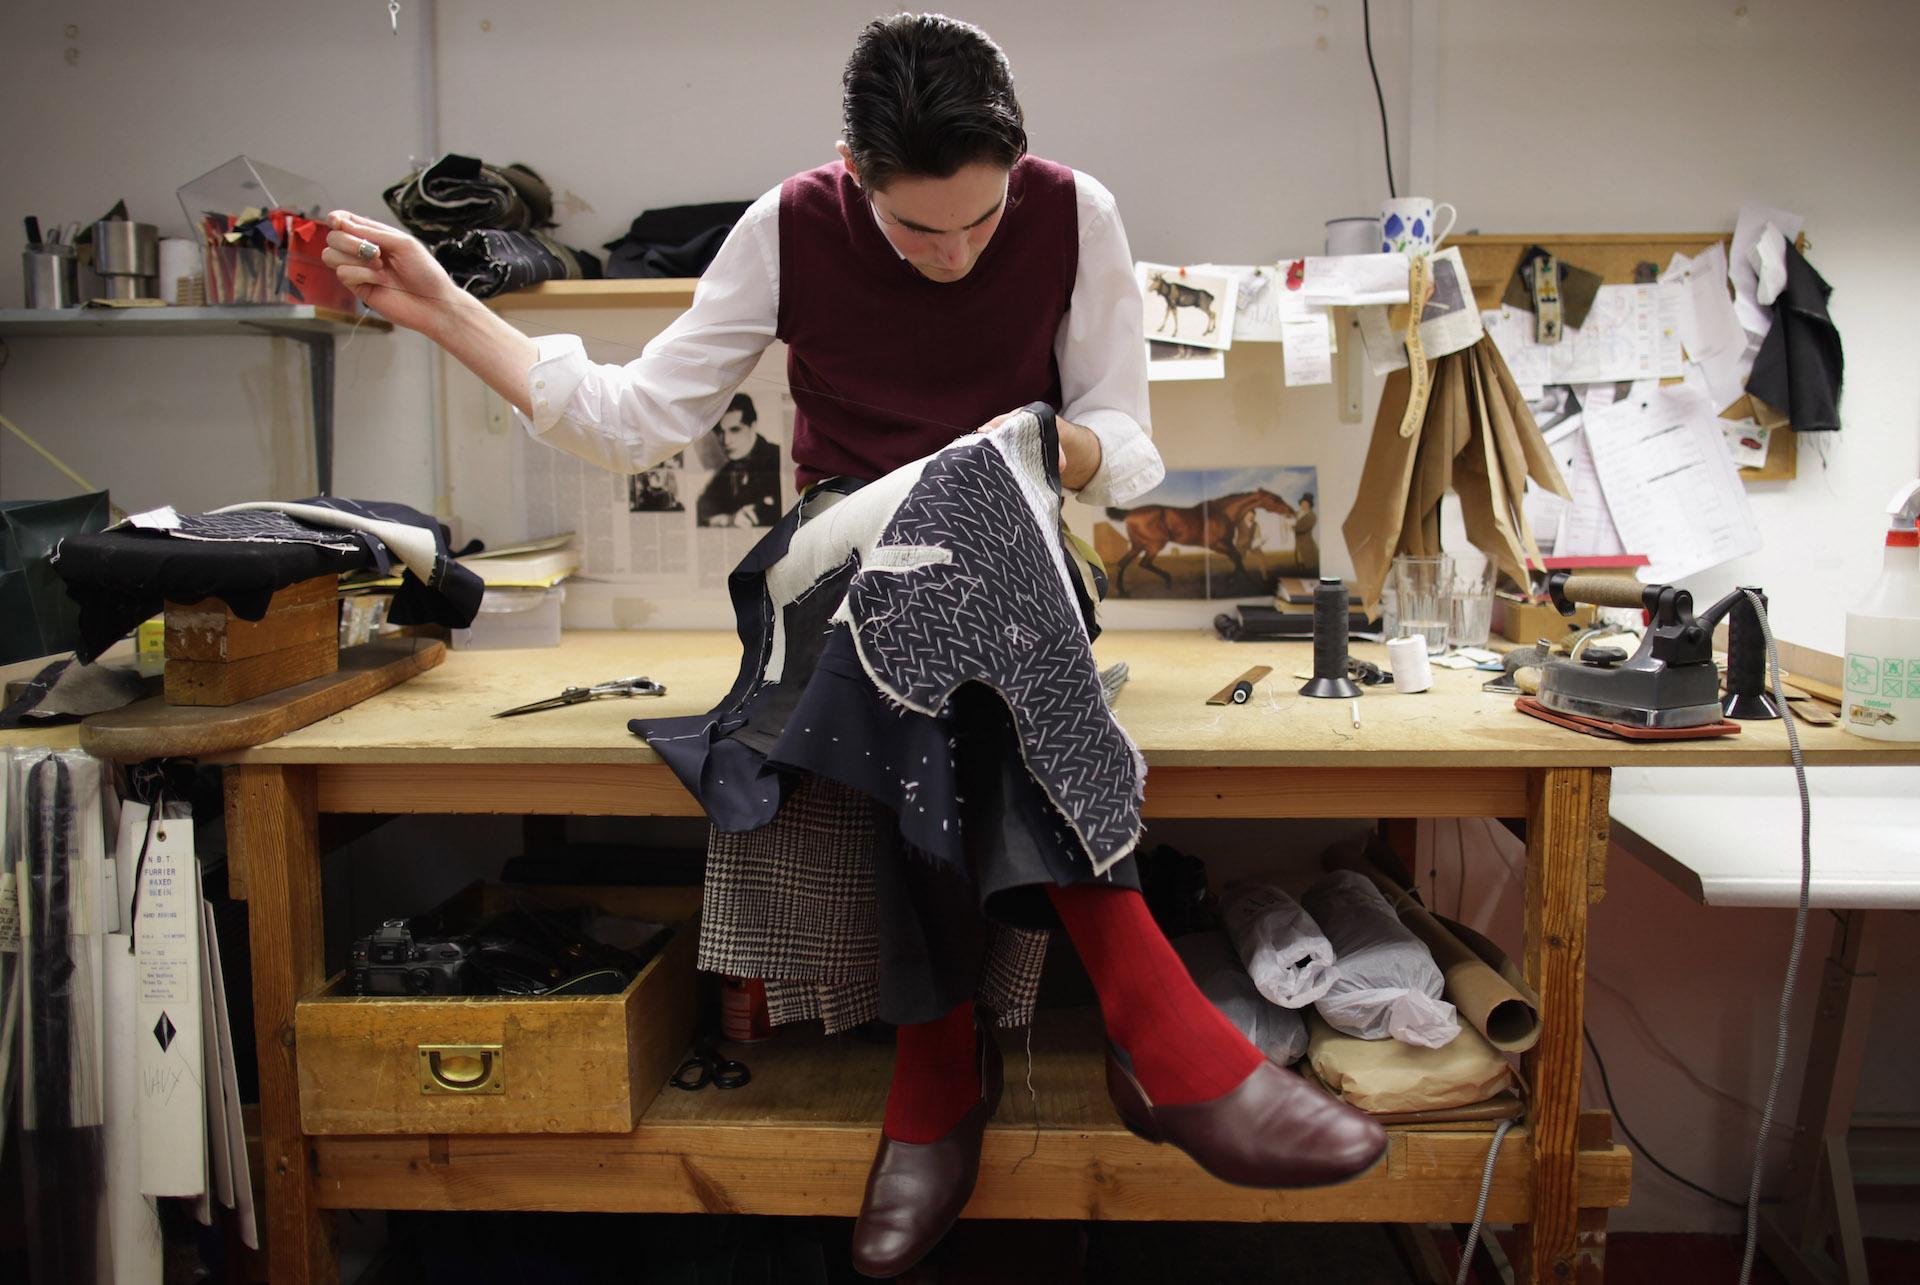 одежда ручной работы, ателье по пошиву костюмов, хорошая ручная работа-5